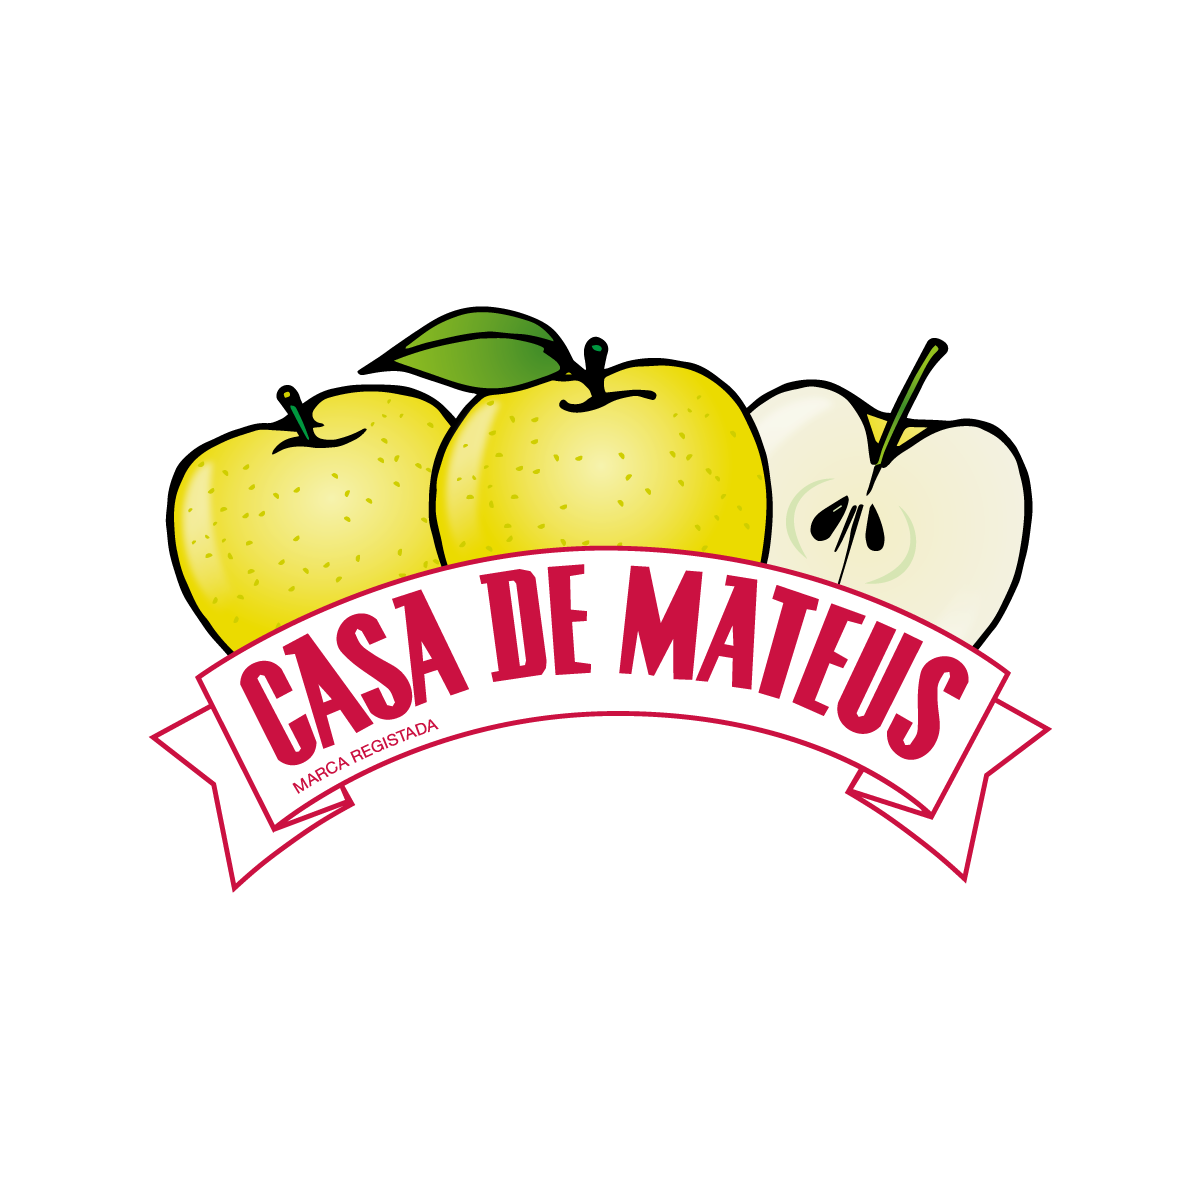 Rotulagem Casa de Mateus Temporada